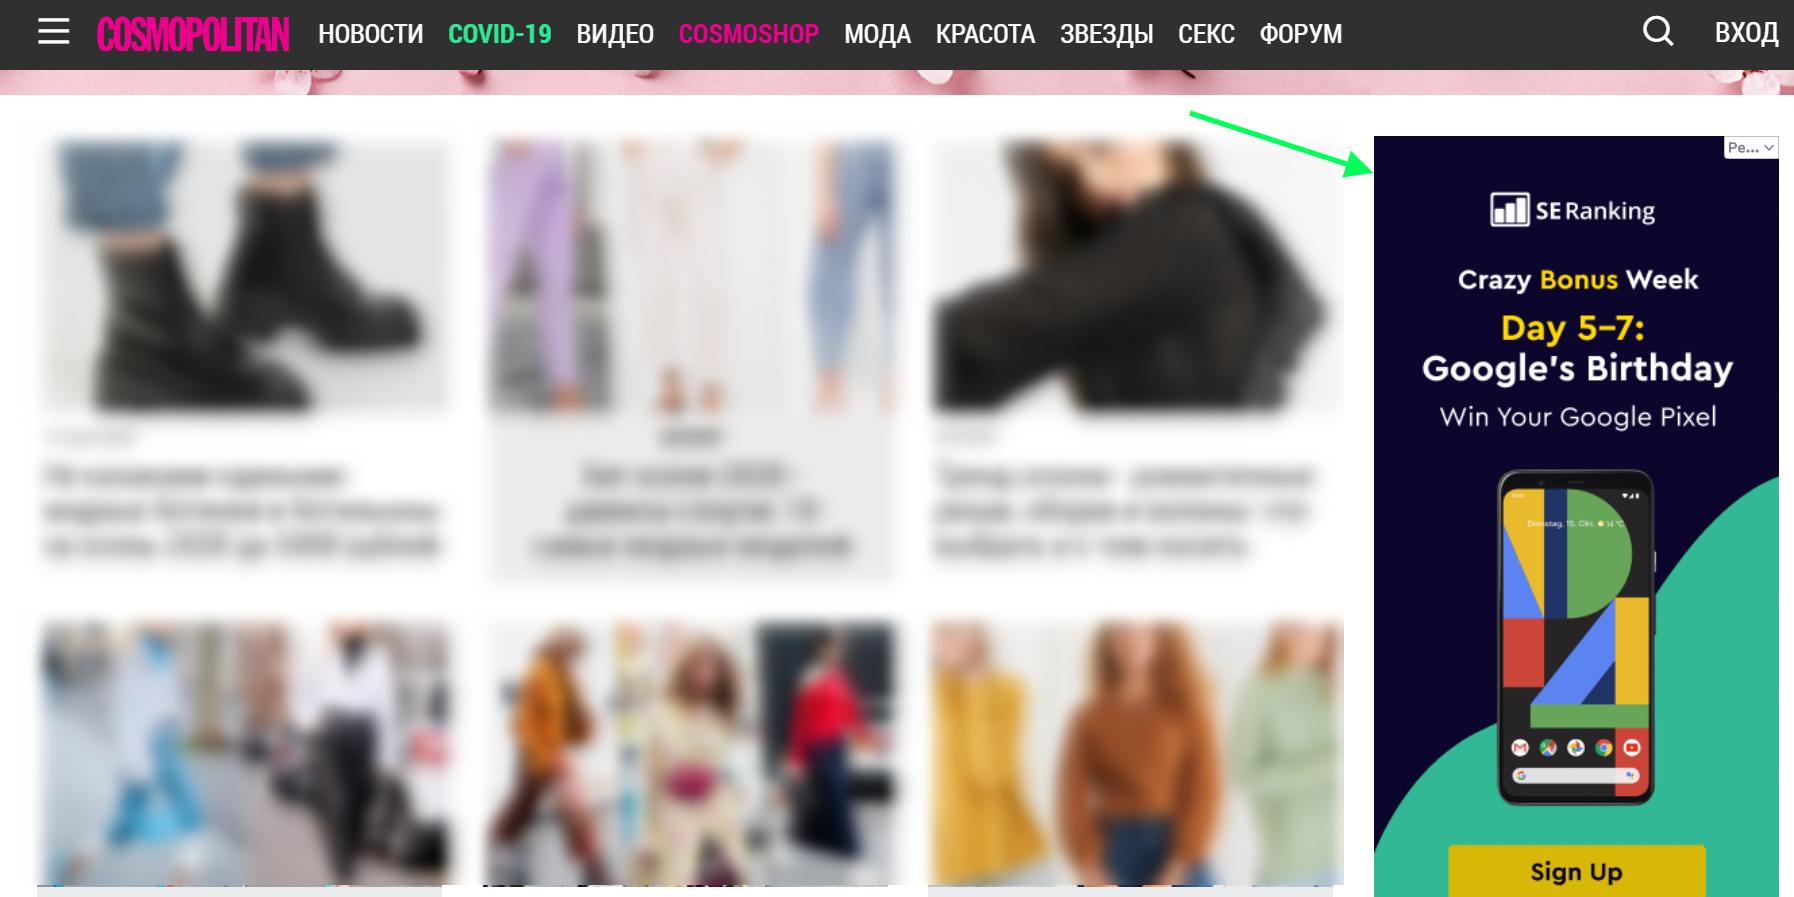 Привлечения трафика на сайт при помощи баннерной рекламы